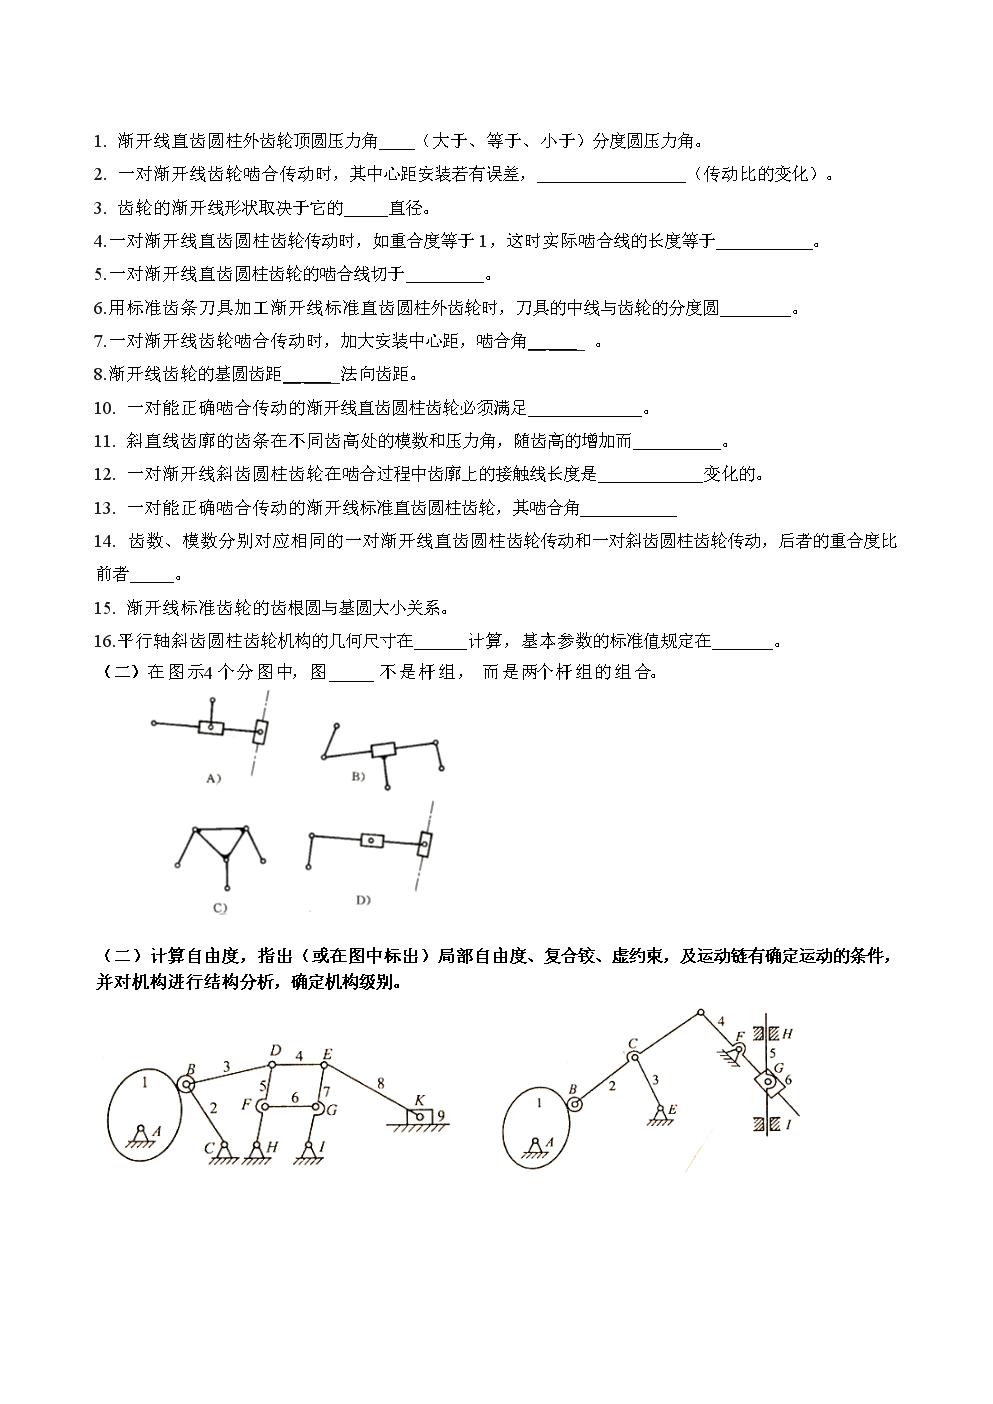 机械原理复习 题.doc